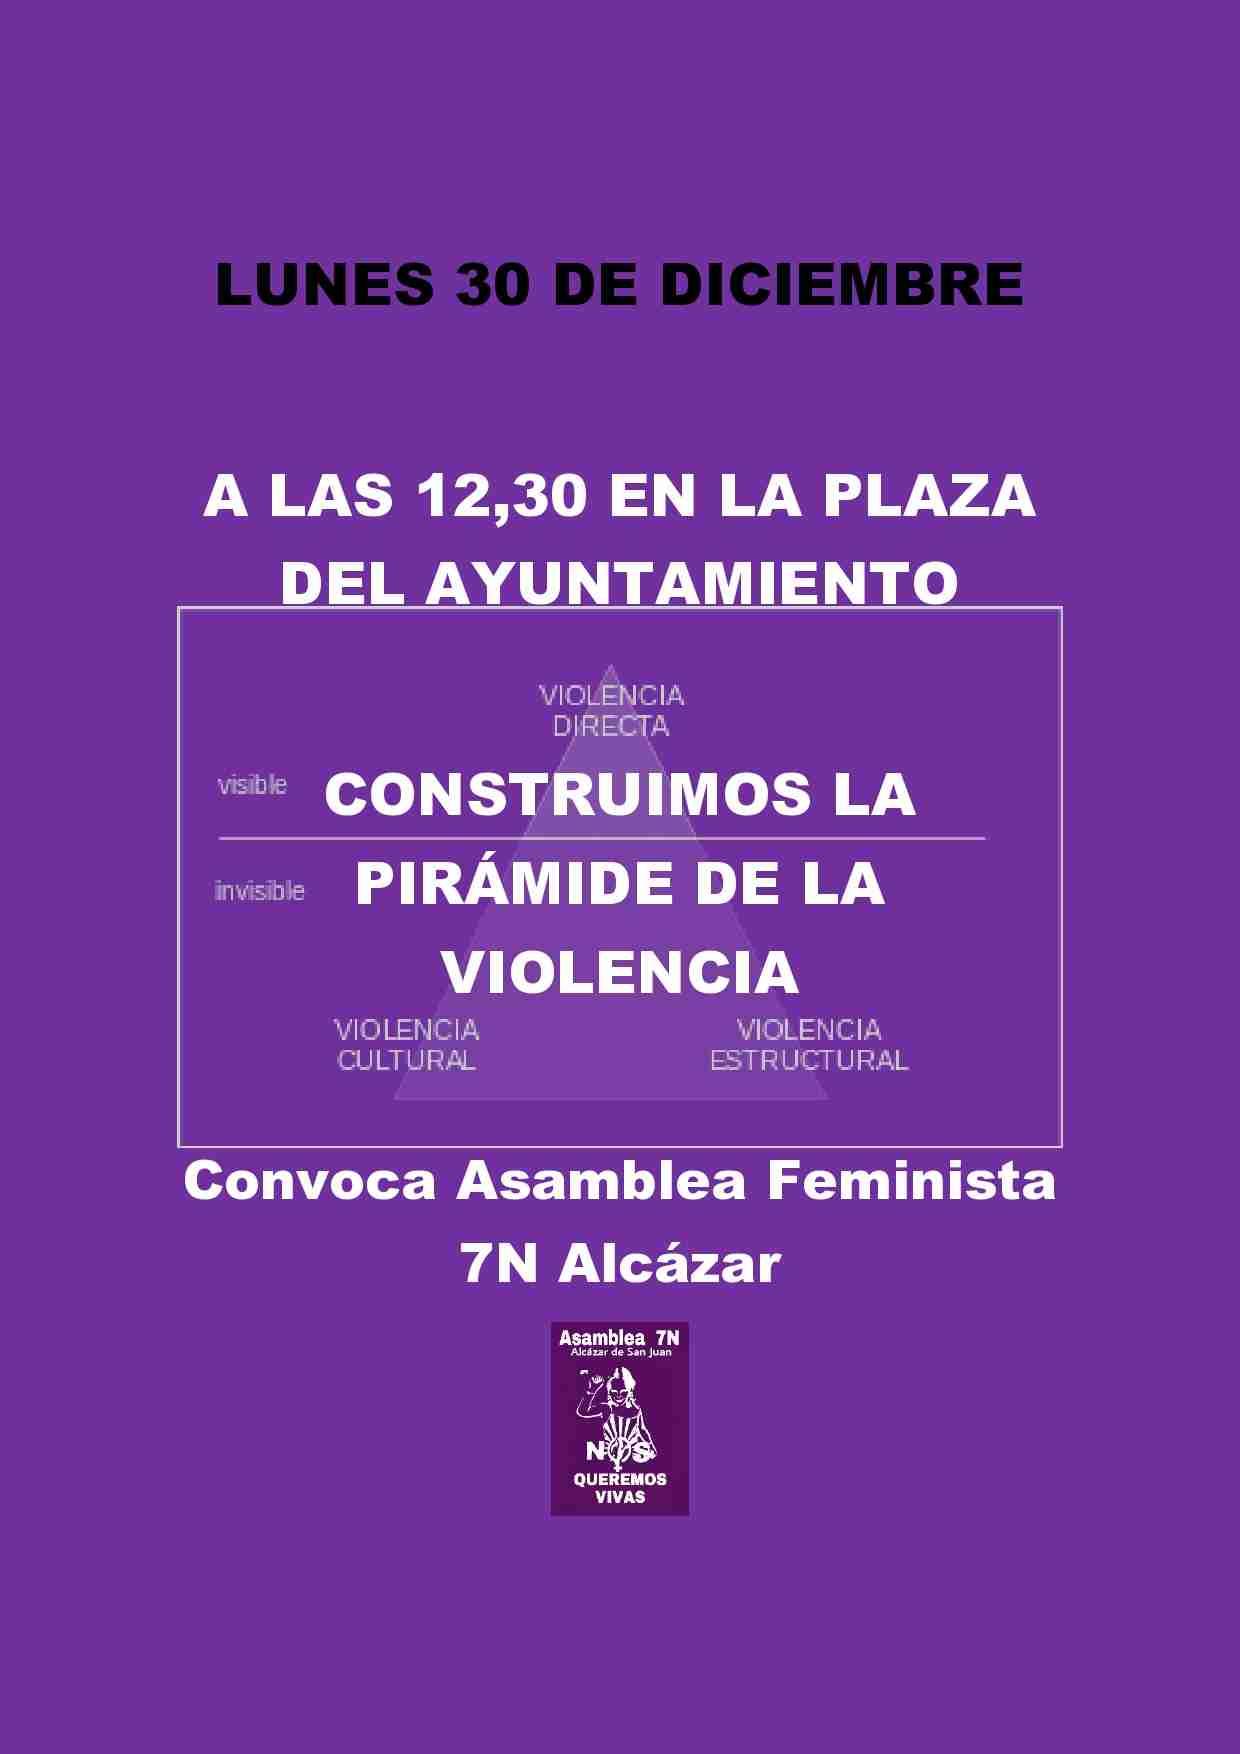 Acción de calle contra la violencia machista el lunes 30 1